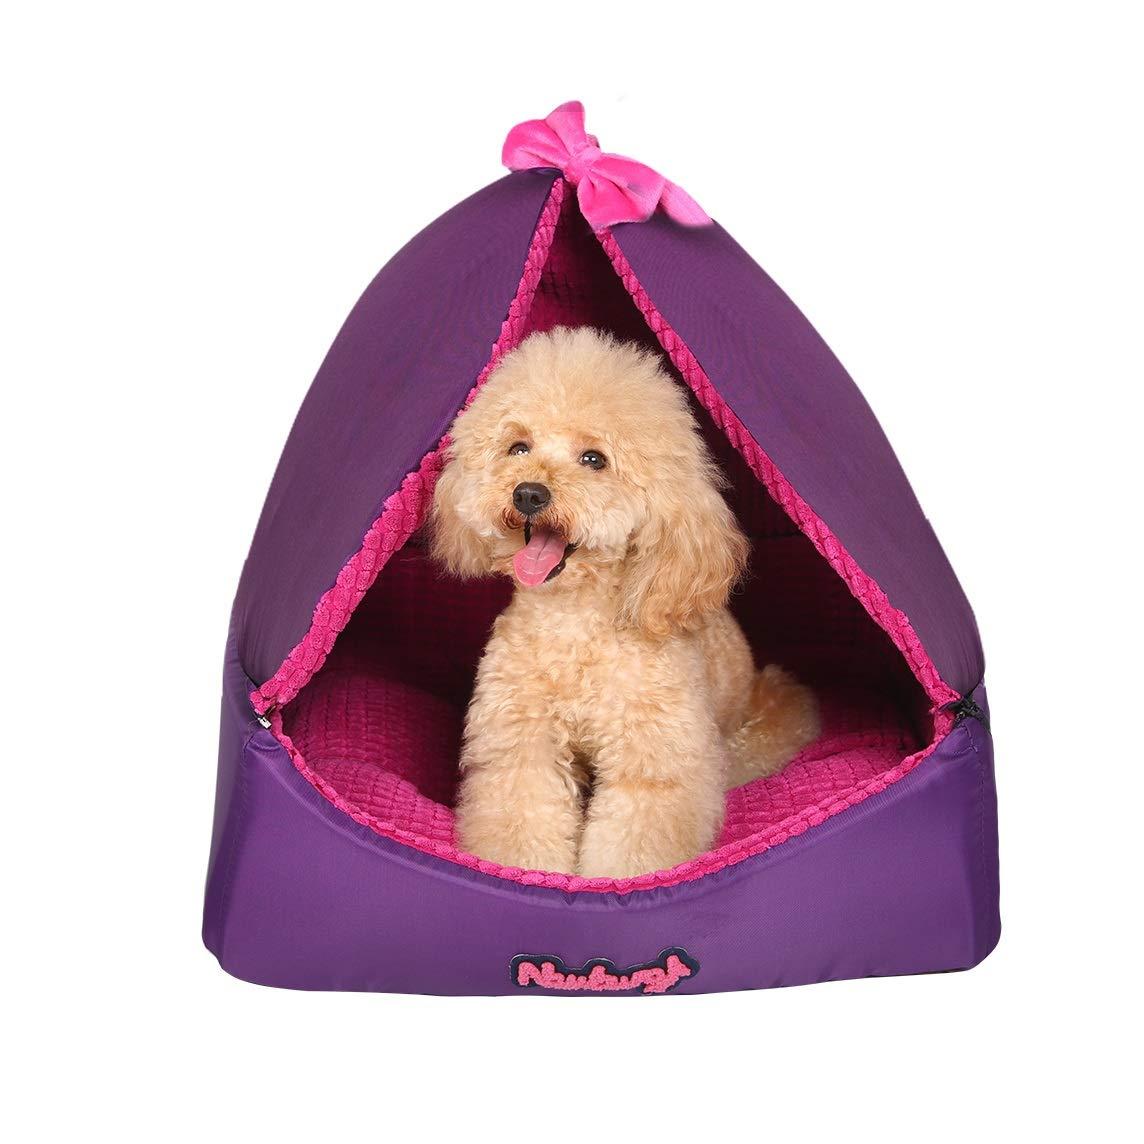 ペット用ベッド犬猫ベッドクッション四季柔らかく暖かいリムーバブルマシン洗えるスクラッチプルーフ用中小ペット (サイズ さいず : L l) B07MNF94NG  M M